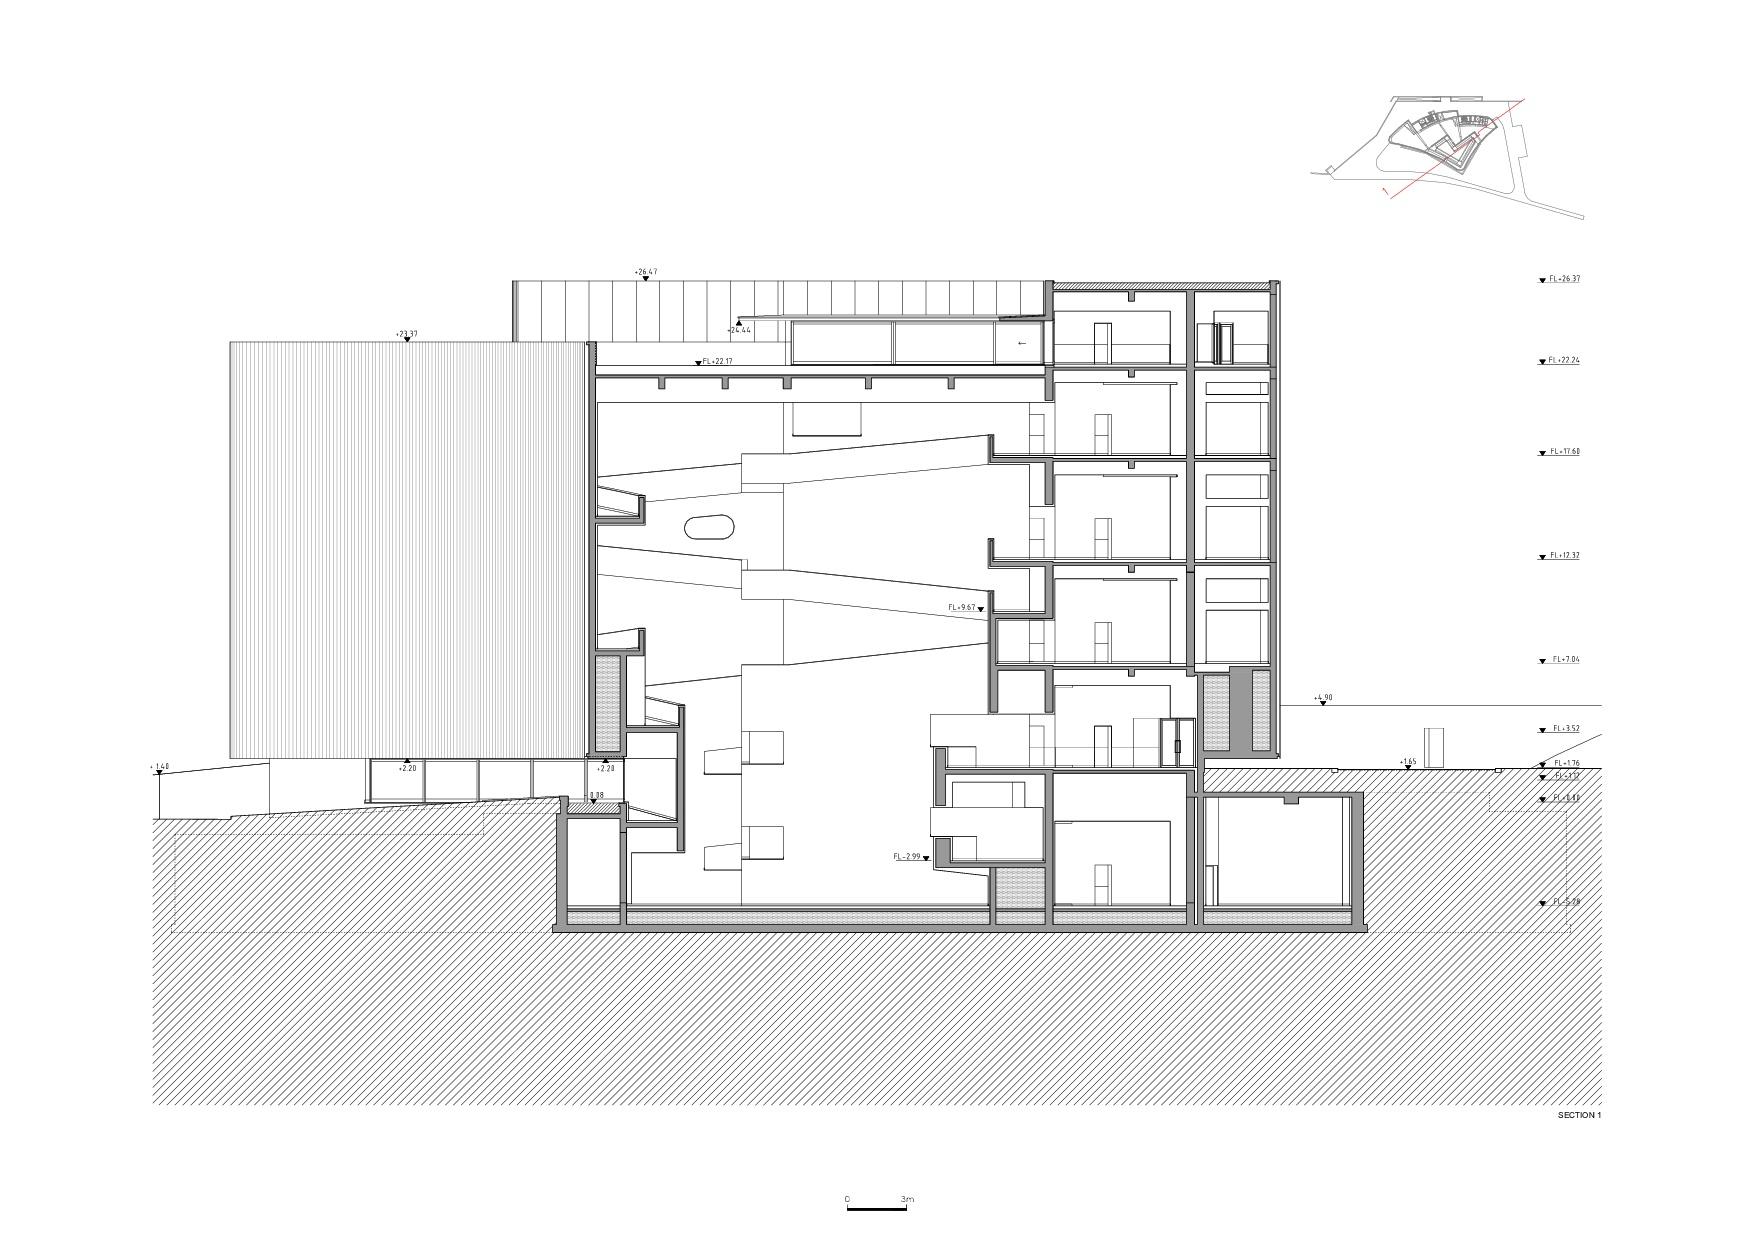 drawings 11